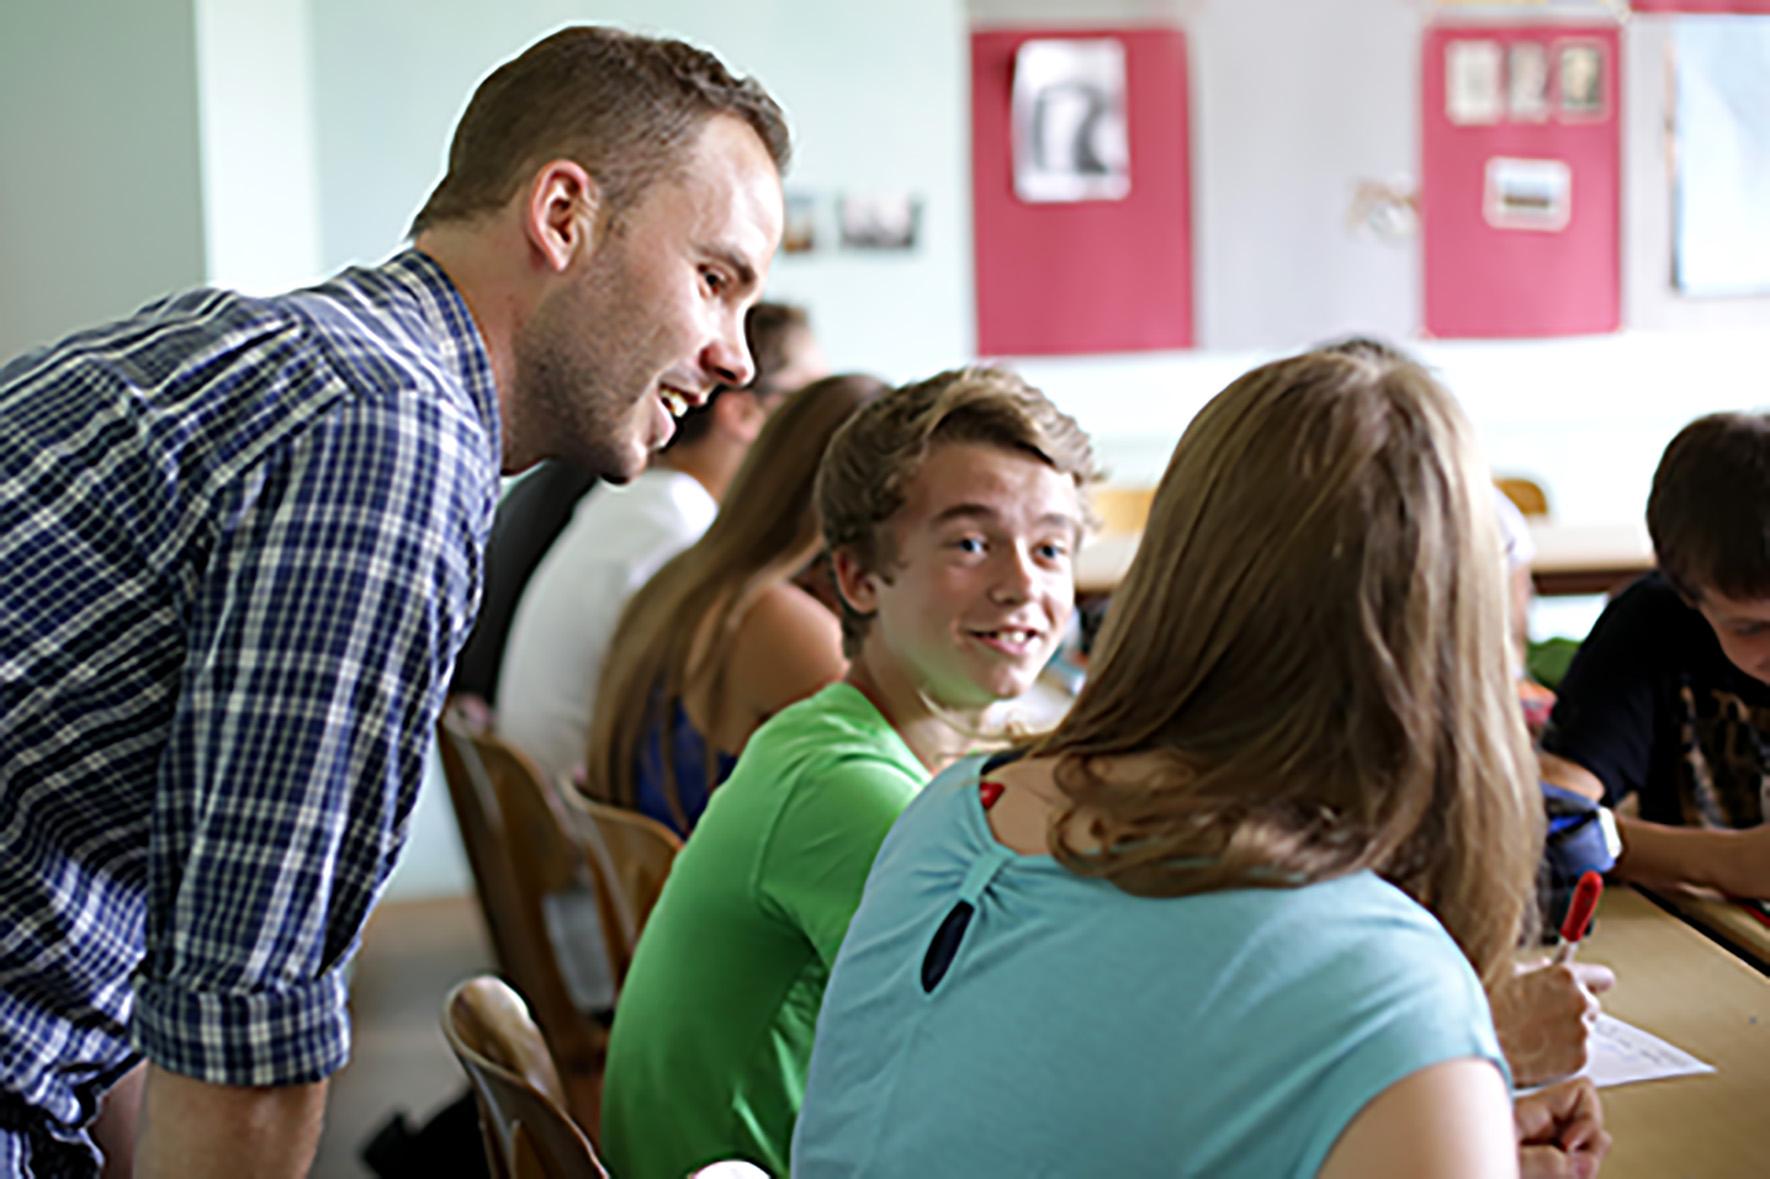 Lehrer Und Schüler Pornofilme